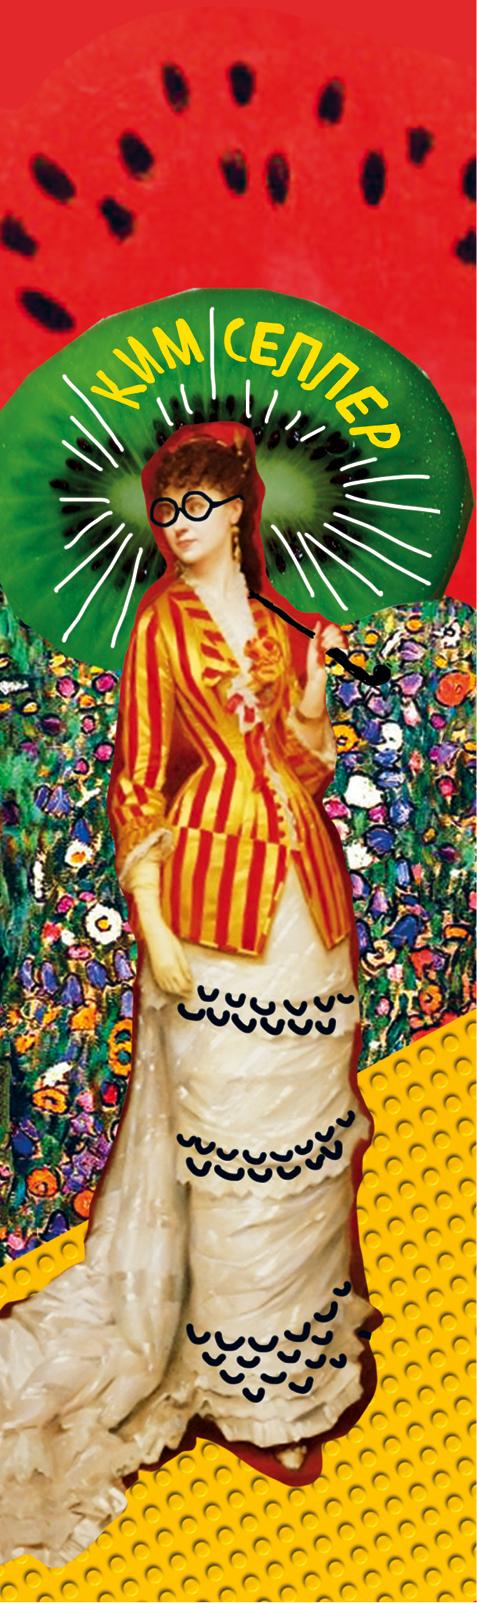 Гапчинская Е. Закладка с резинкой. Crazy закладка закладка с резинкой wtj inspiration